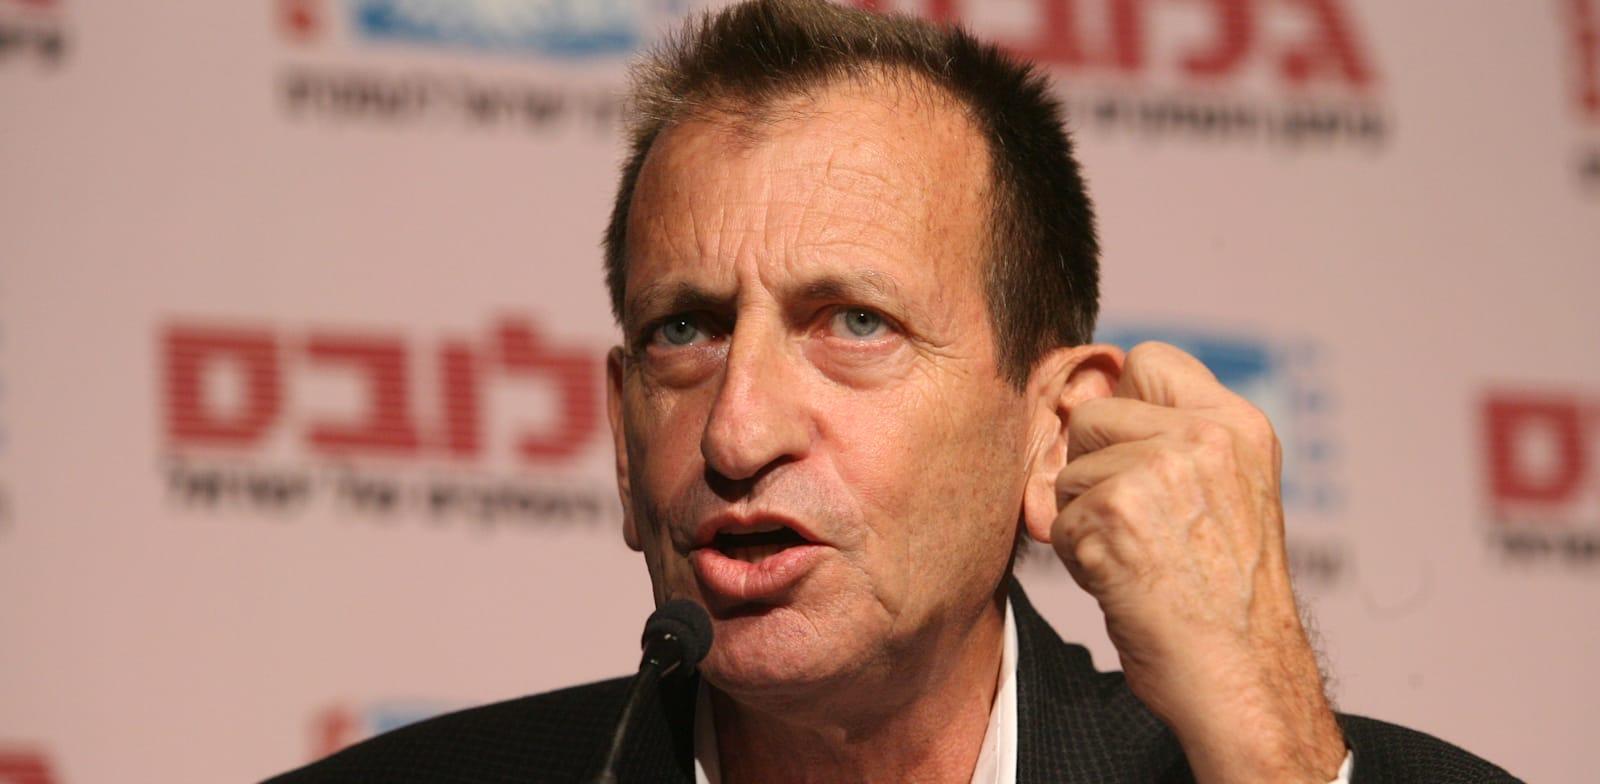 רון חולדאי, ראש עיריית תל אביב / צילום: קובי קנטור